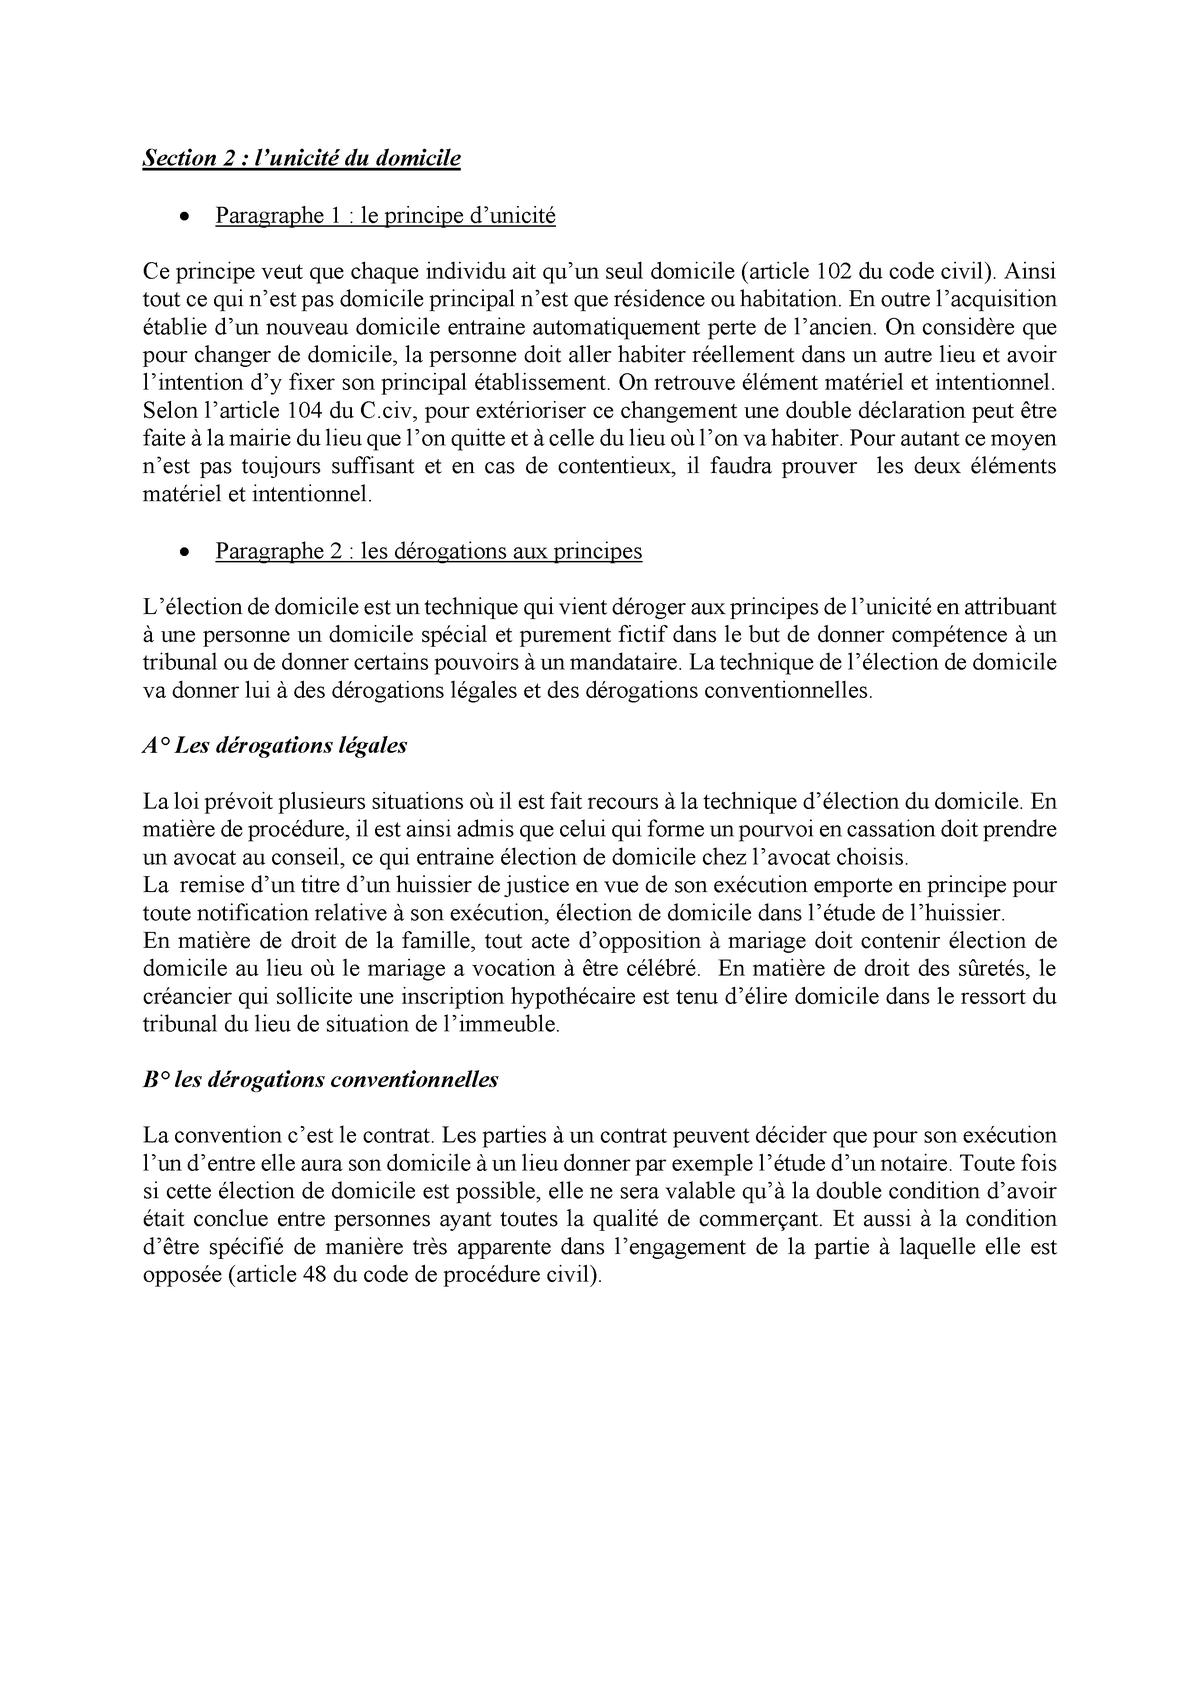 Droit civil chapitre le domicile section 9 - StuDocu